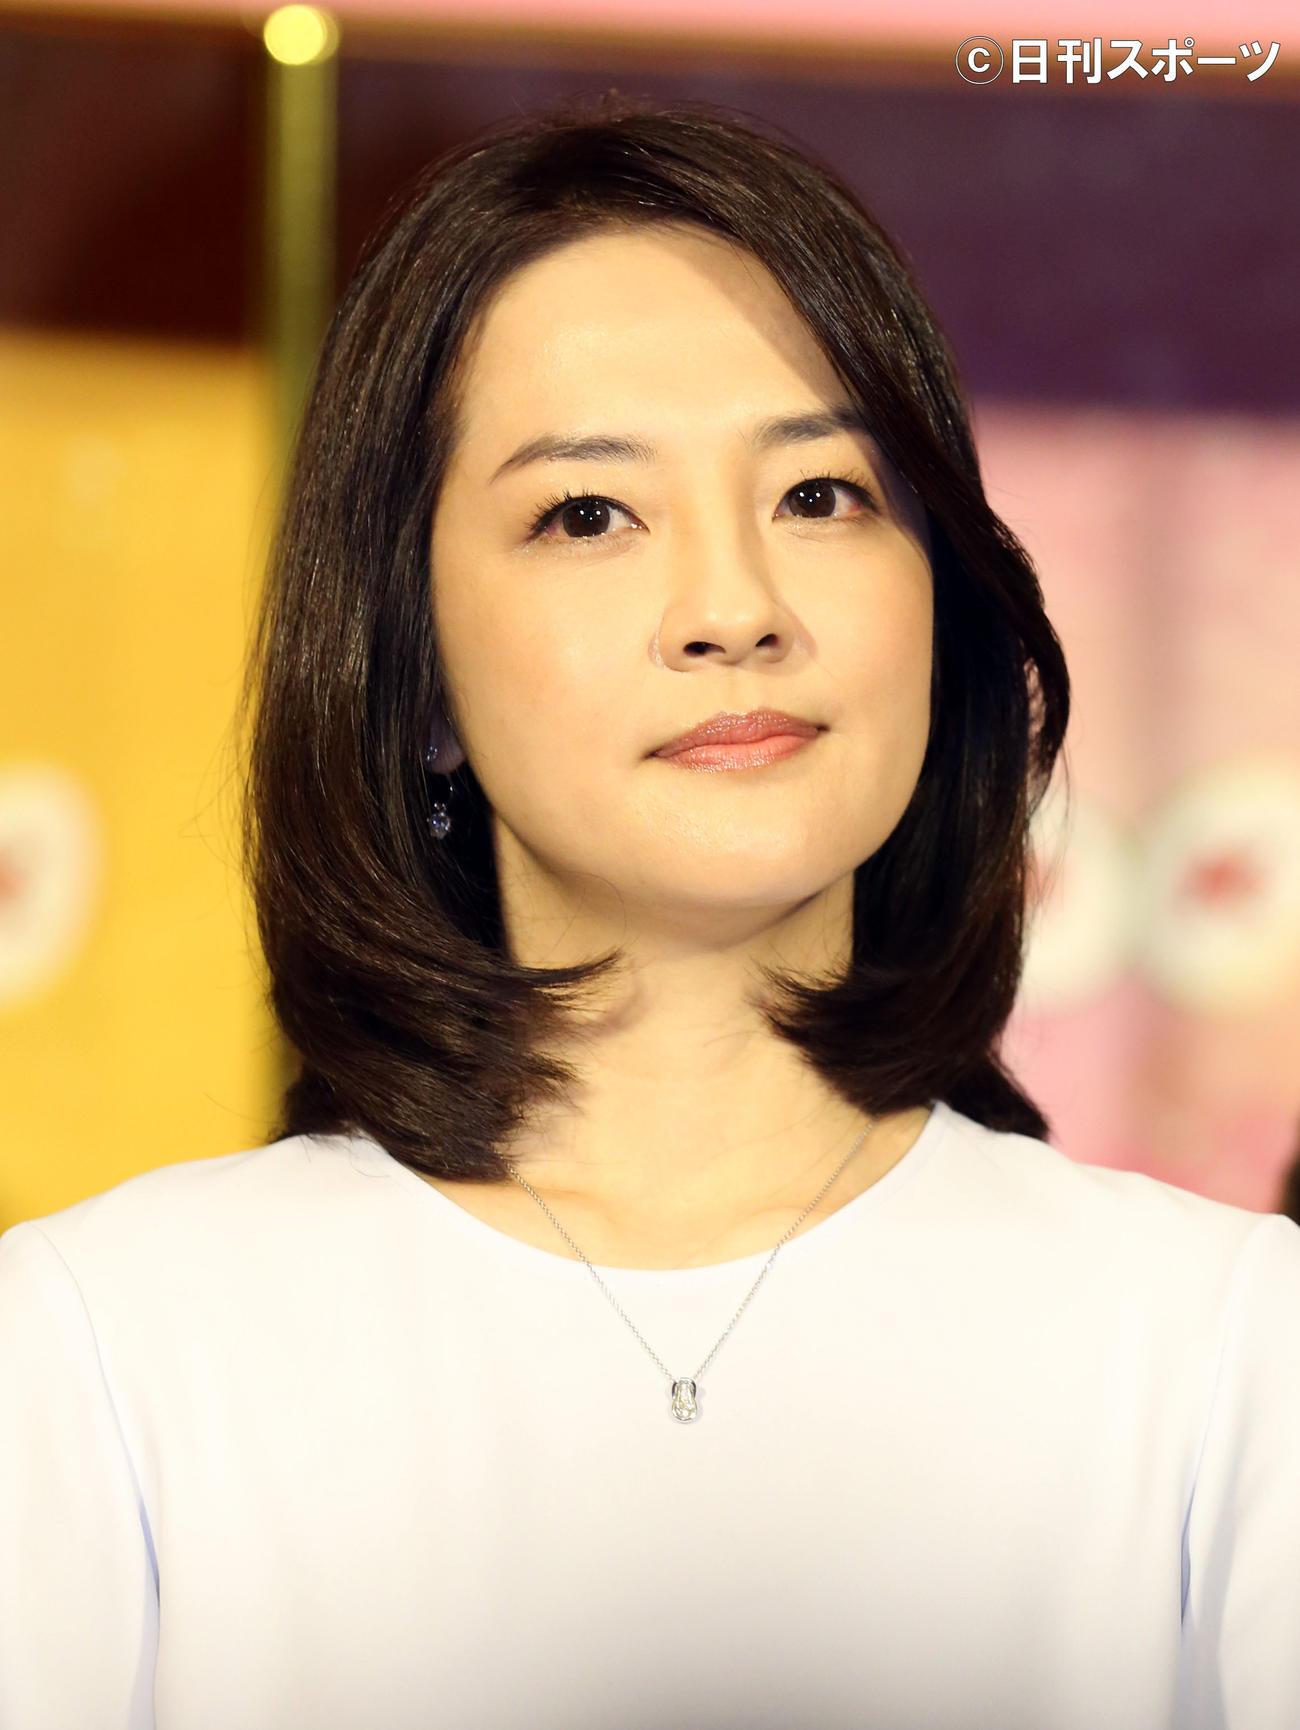 イチ あさ NHK「あさイチ」で話題沸騰!たった3日でスッキリ、しかも絶対リバウンドしない石阪京子さんの片づけ術とは?